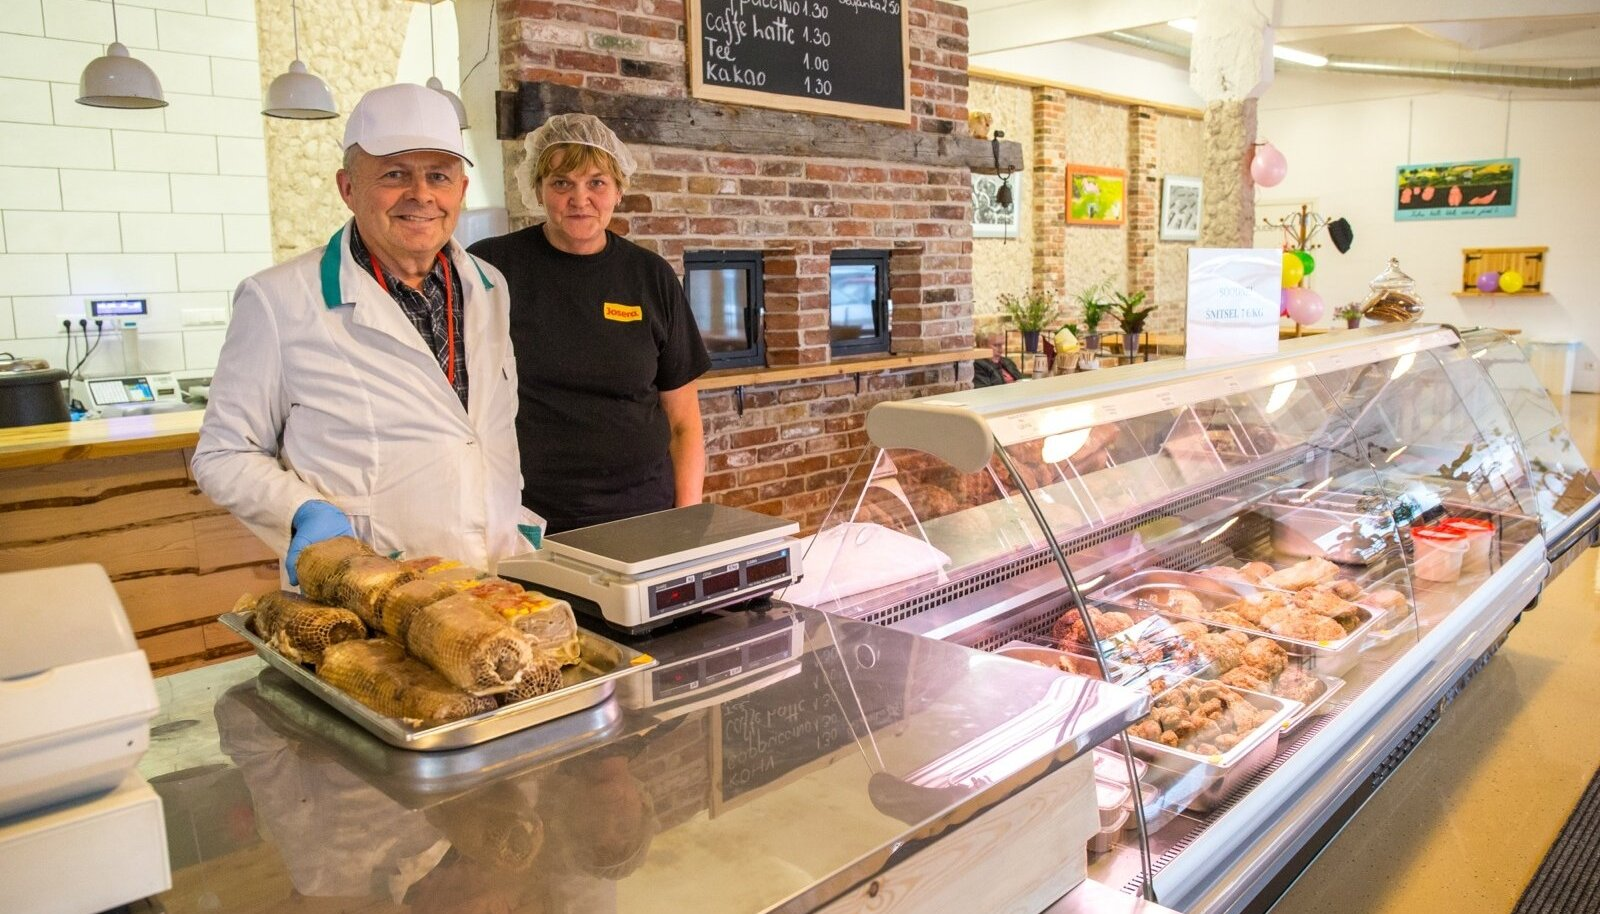 Rotaksi lihapoe omanik Aare Kalson ja müüja Helje Paulson kinnitavad, et kõige nõutum kulinaariatoode on rulaad.